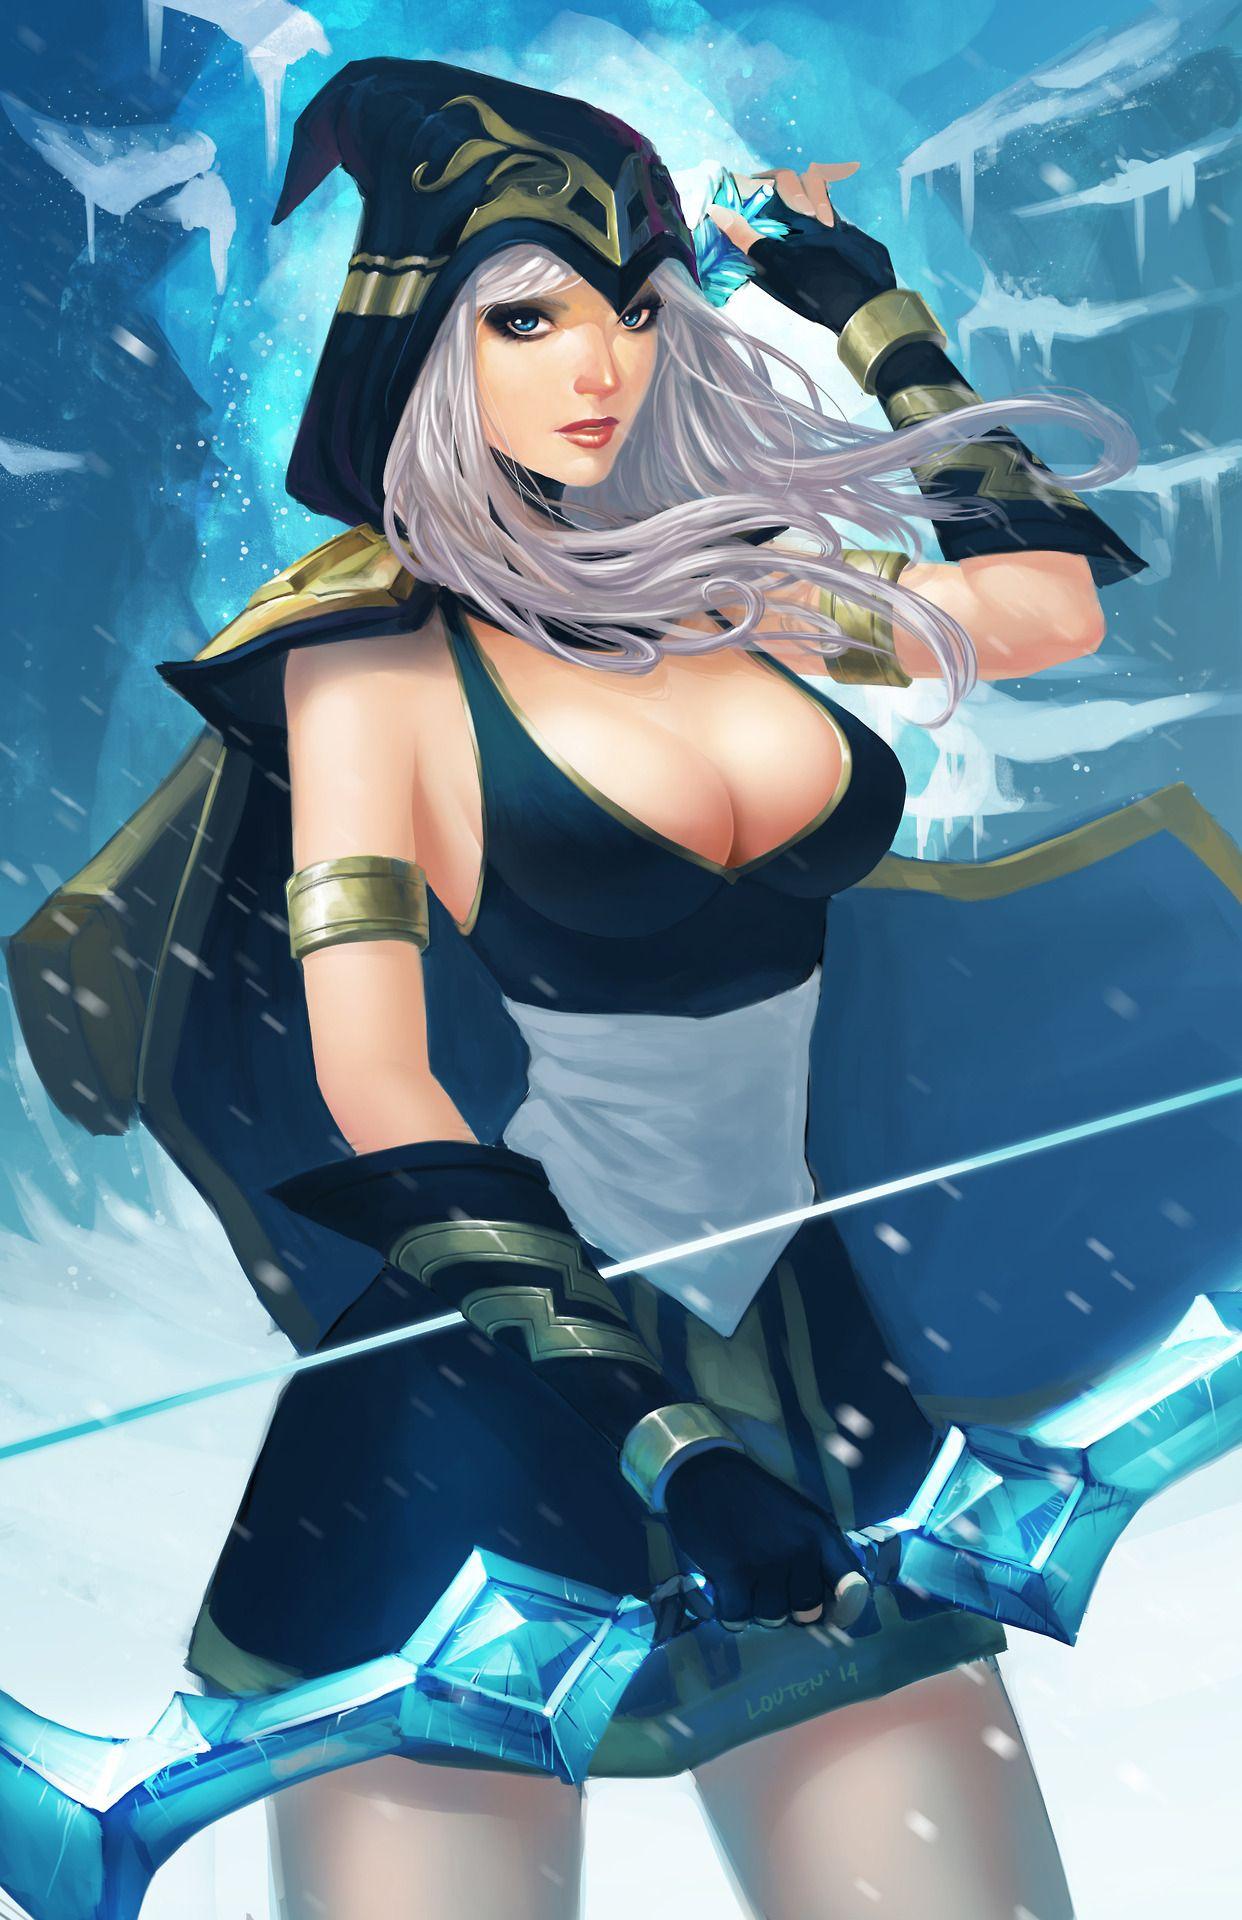 louten:  Ashe fan art from League of Legends